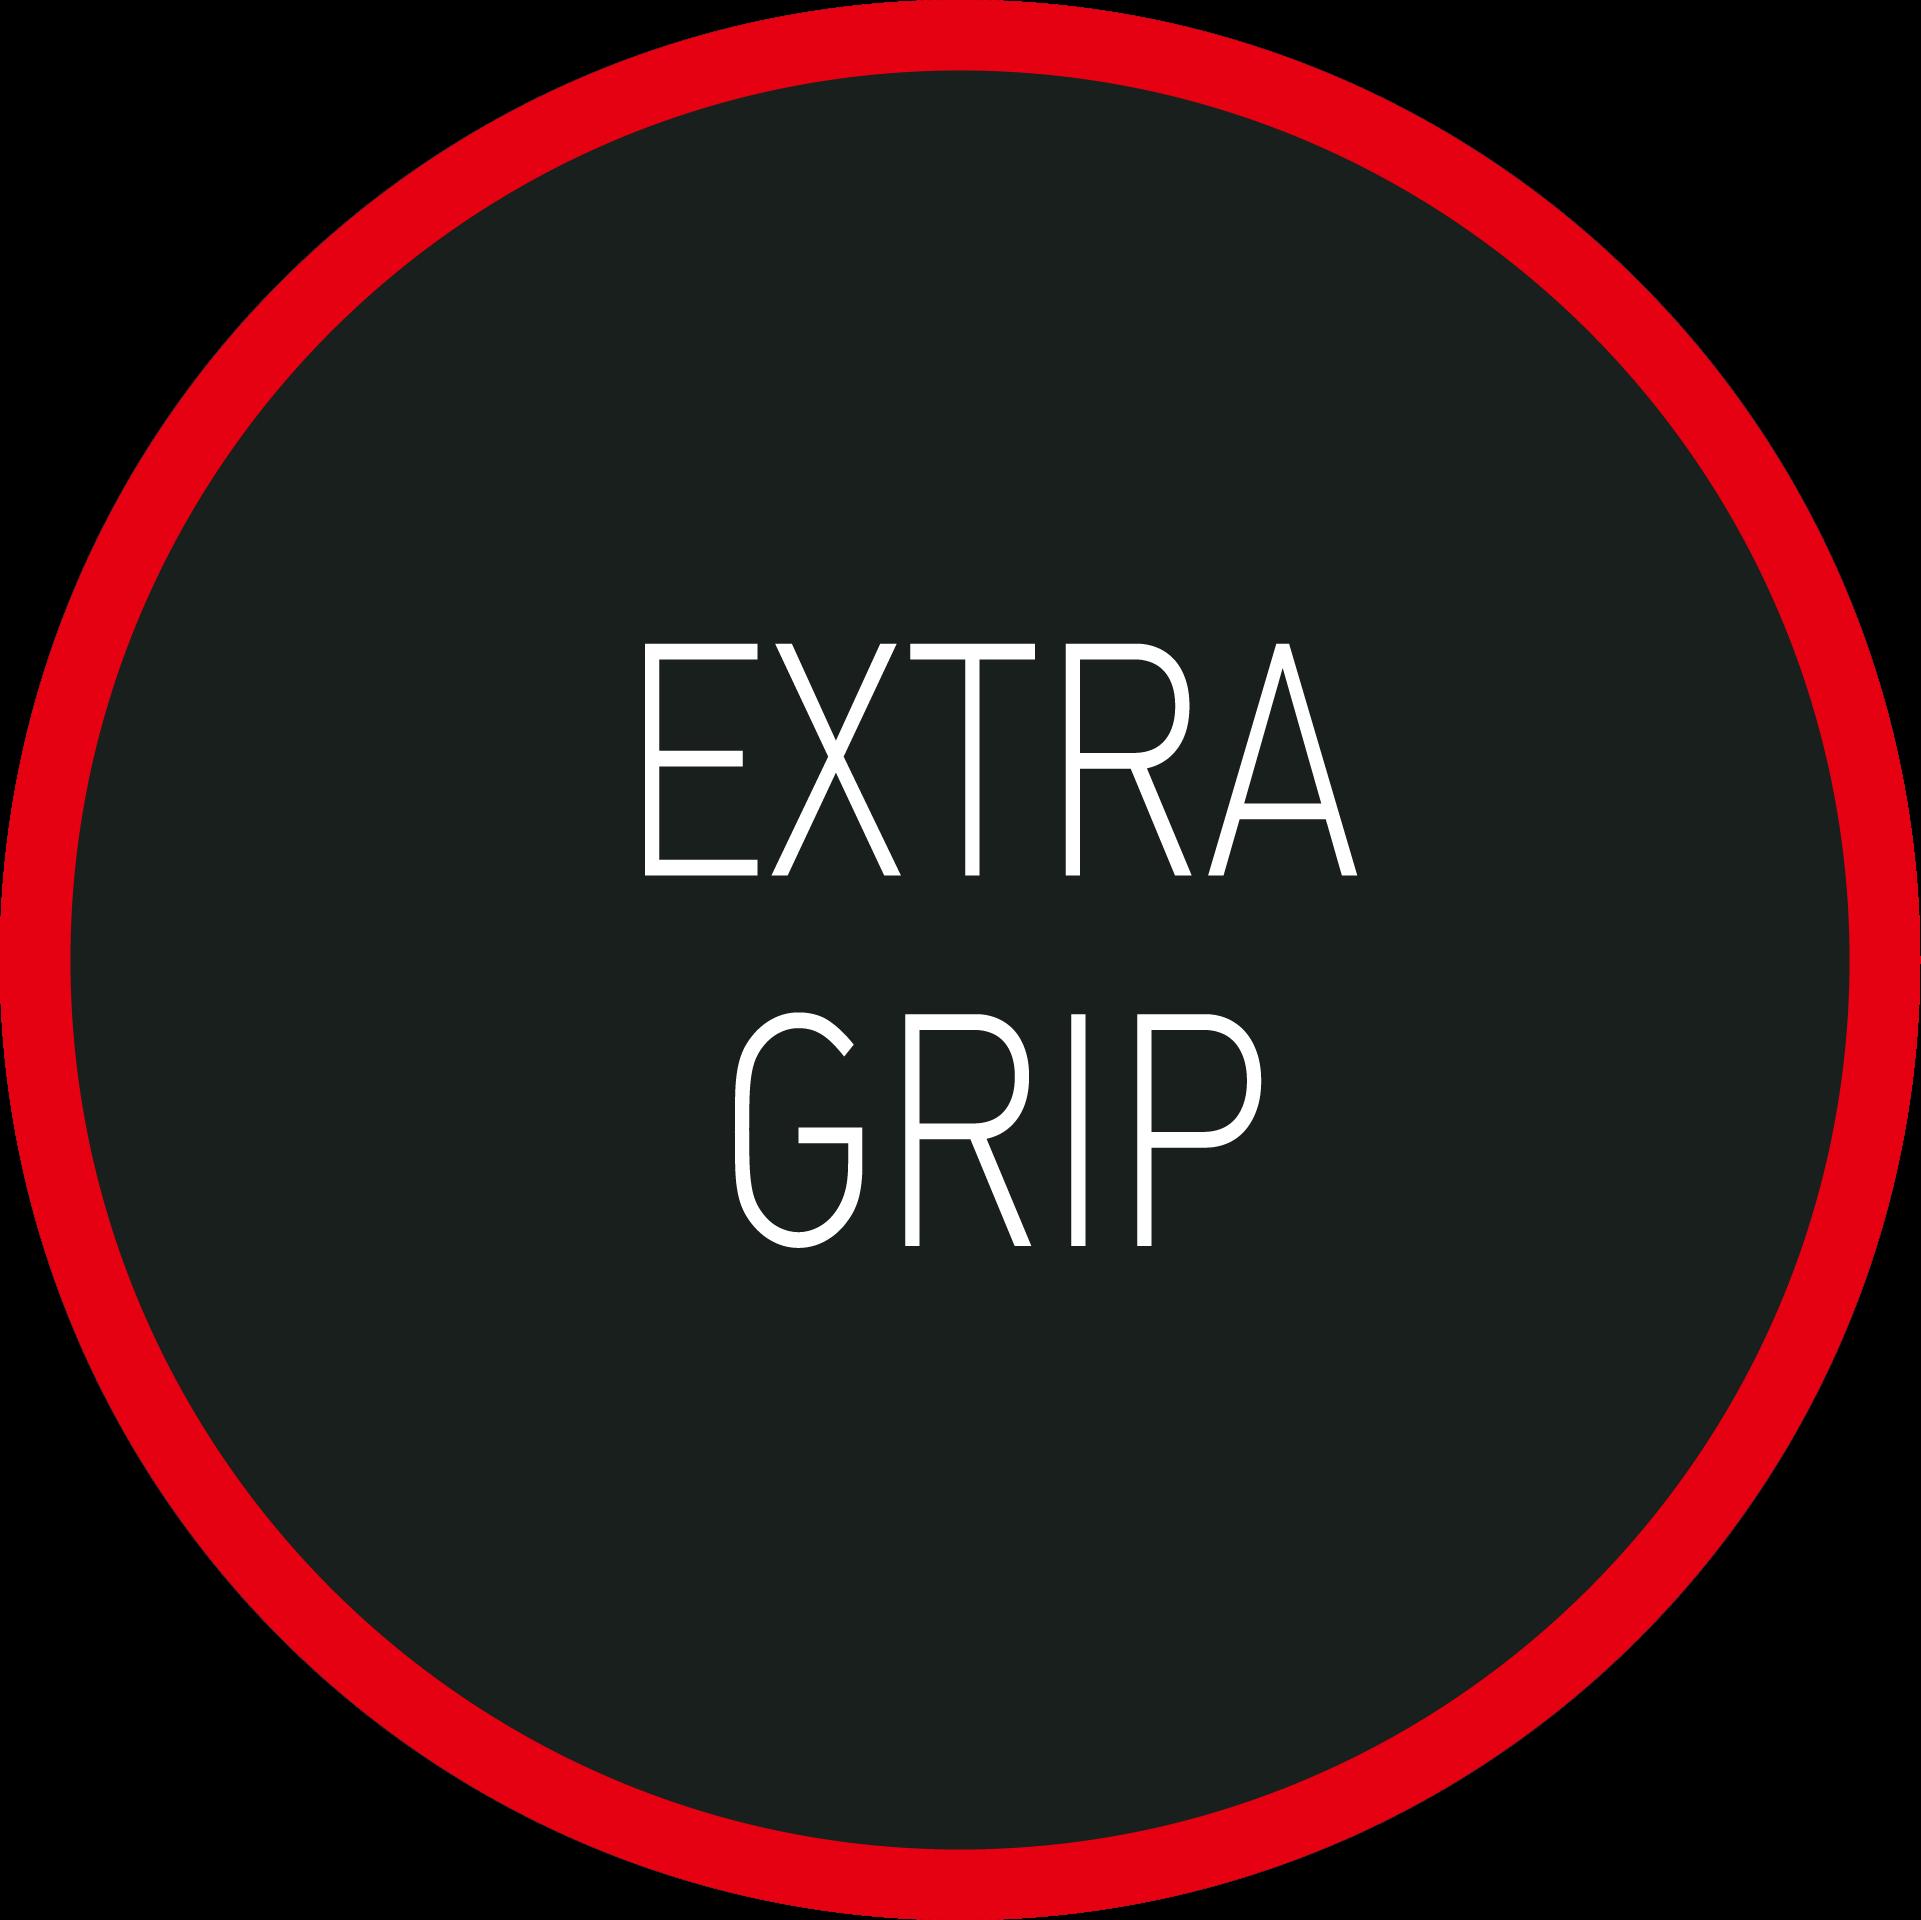 Selle-Italia-icon-02-extra-grip